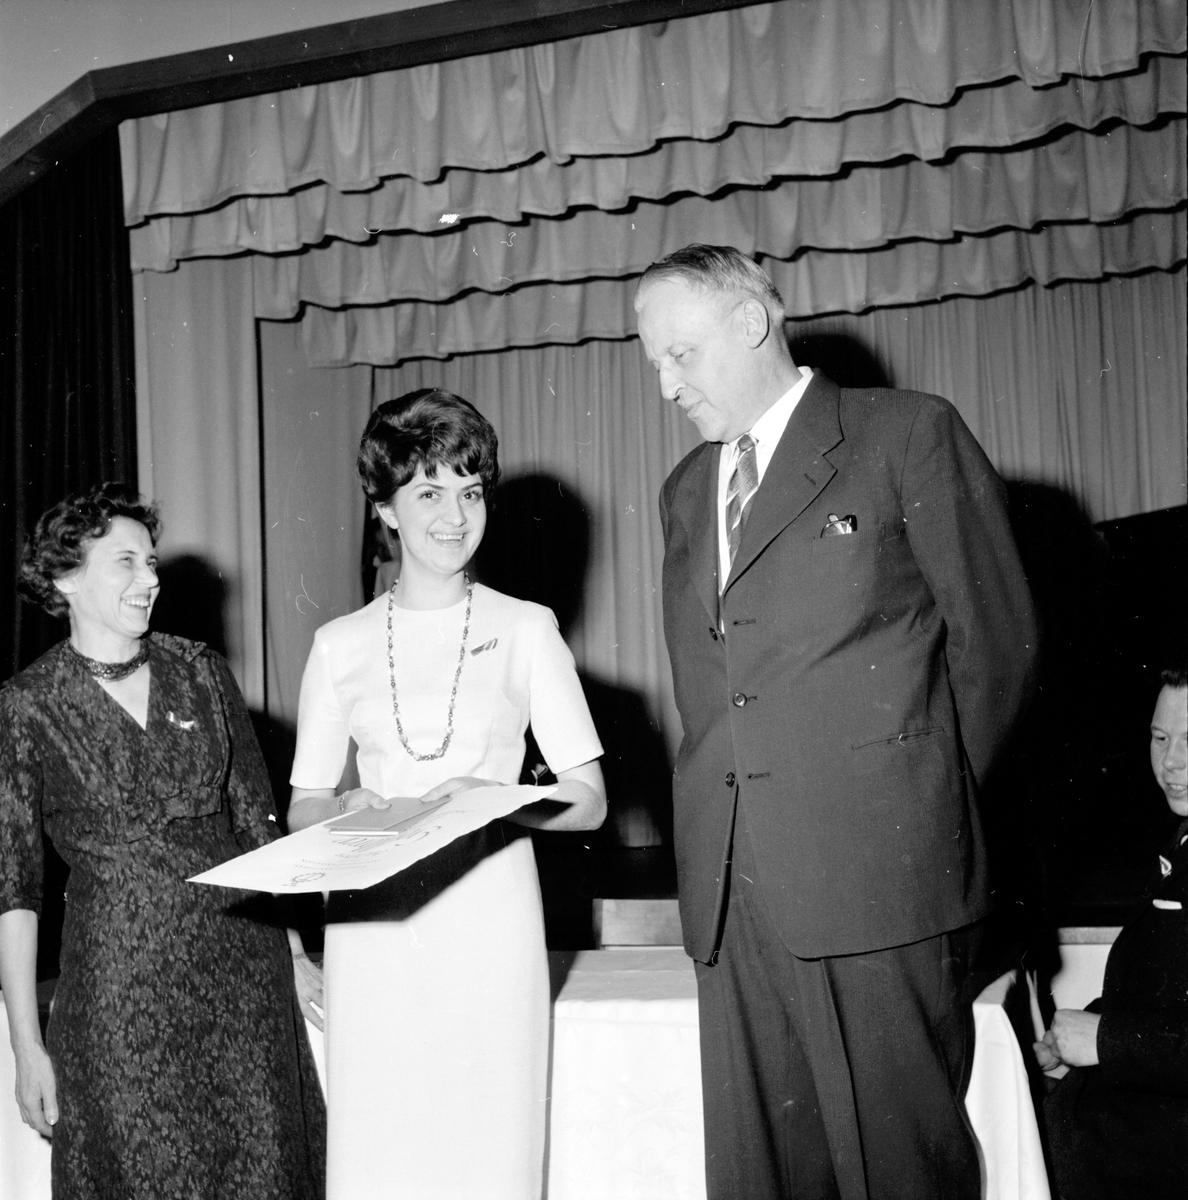 Arbrå, Hantverksförening, Gesällutnämning i Flästa ordenshus, 2 Februari 1963